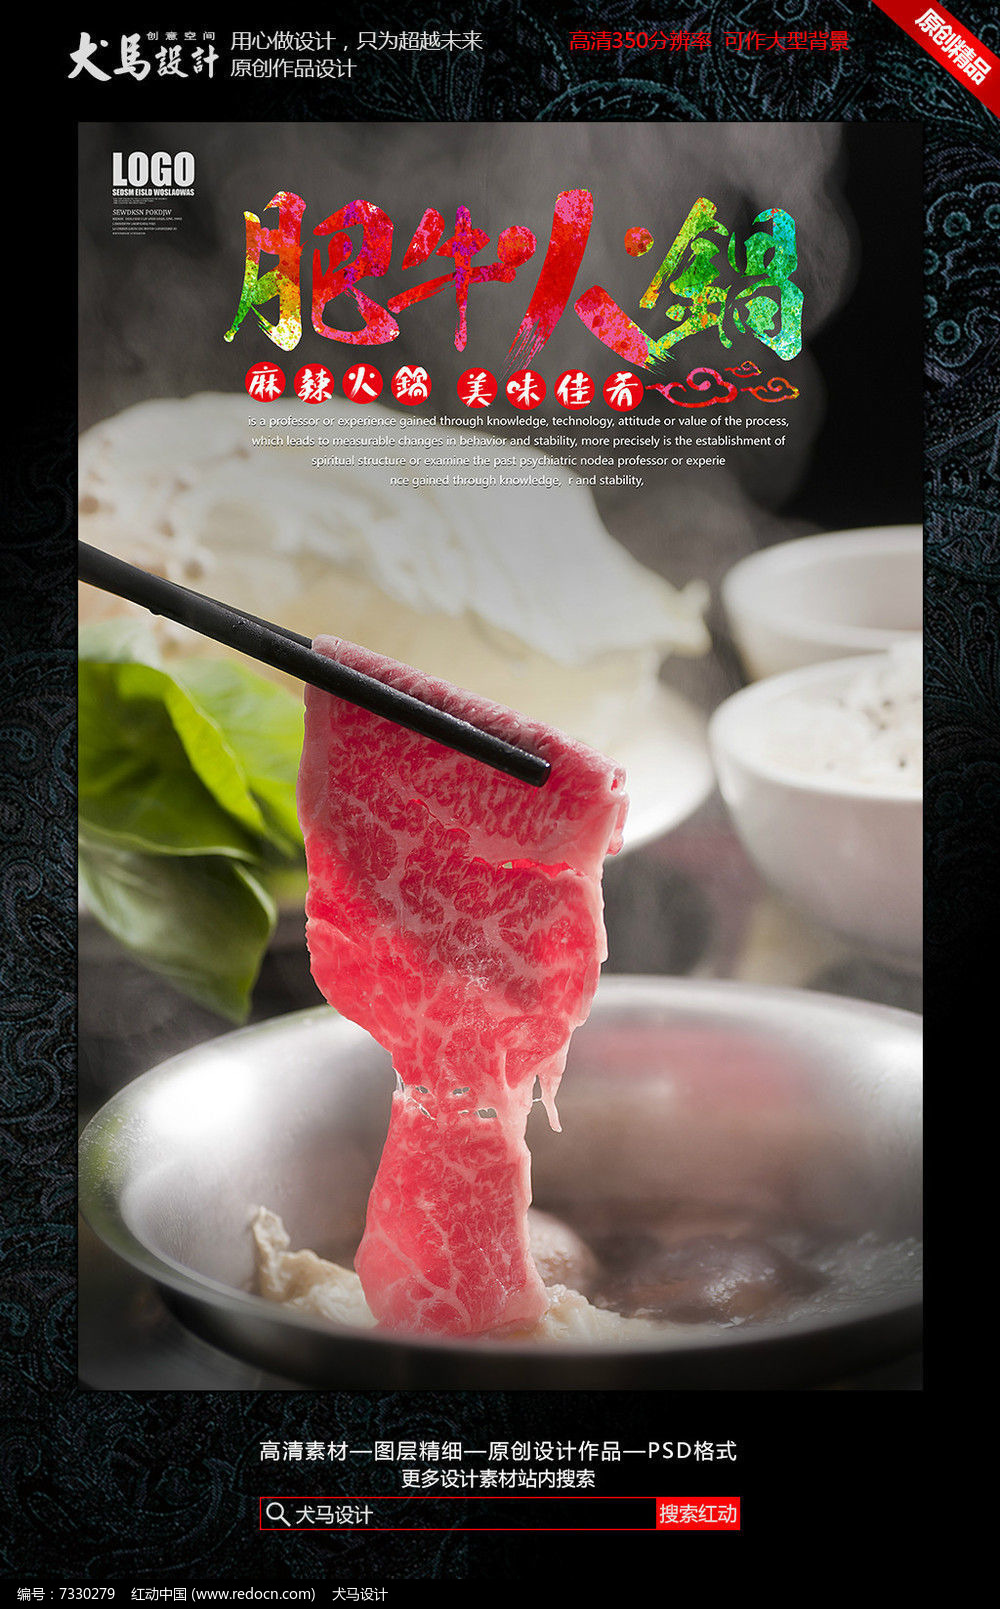 肥牛火锅美食海报图片